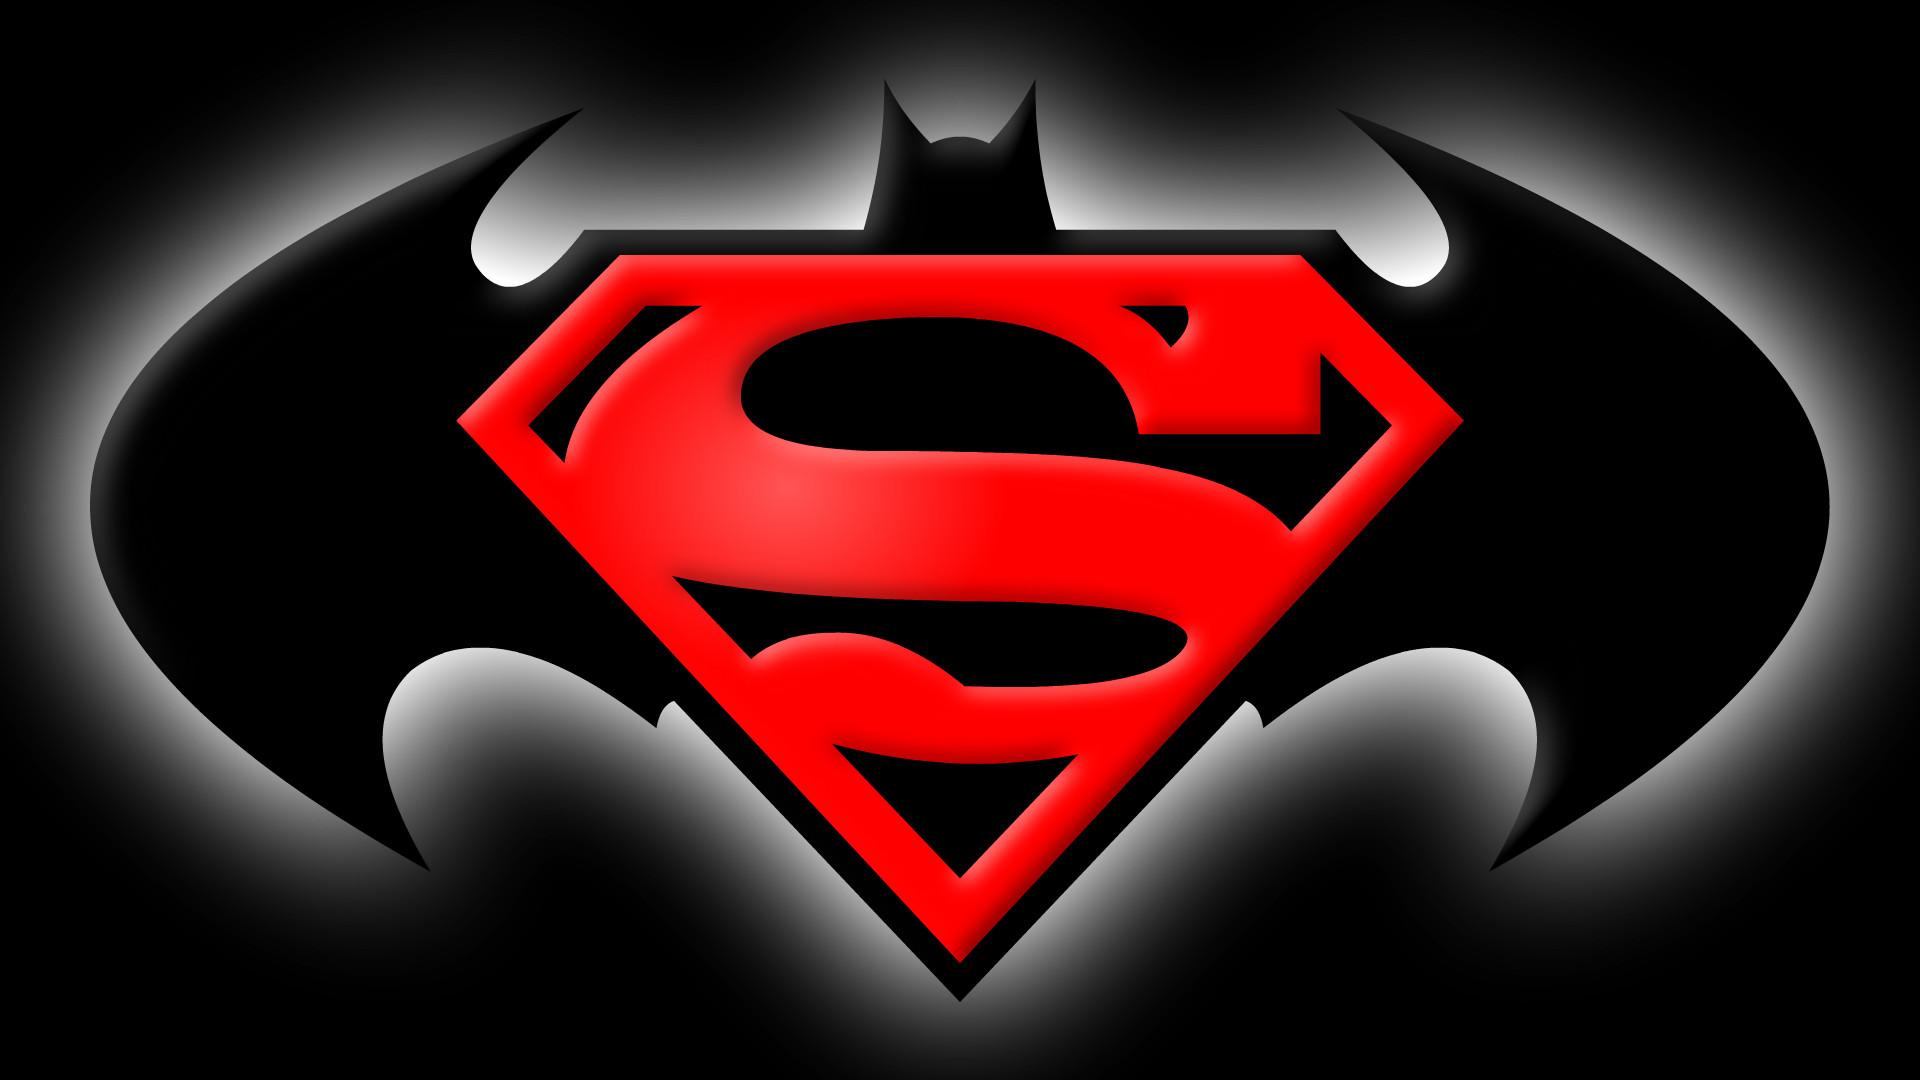 Batman and robin symbol wallpaper